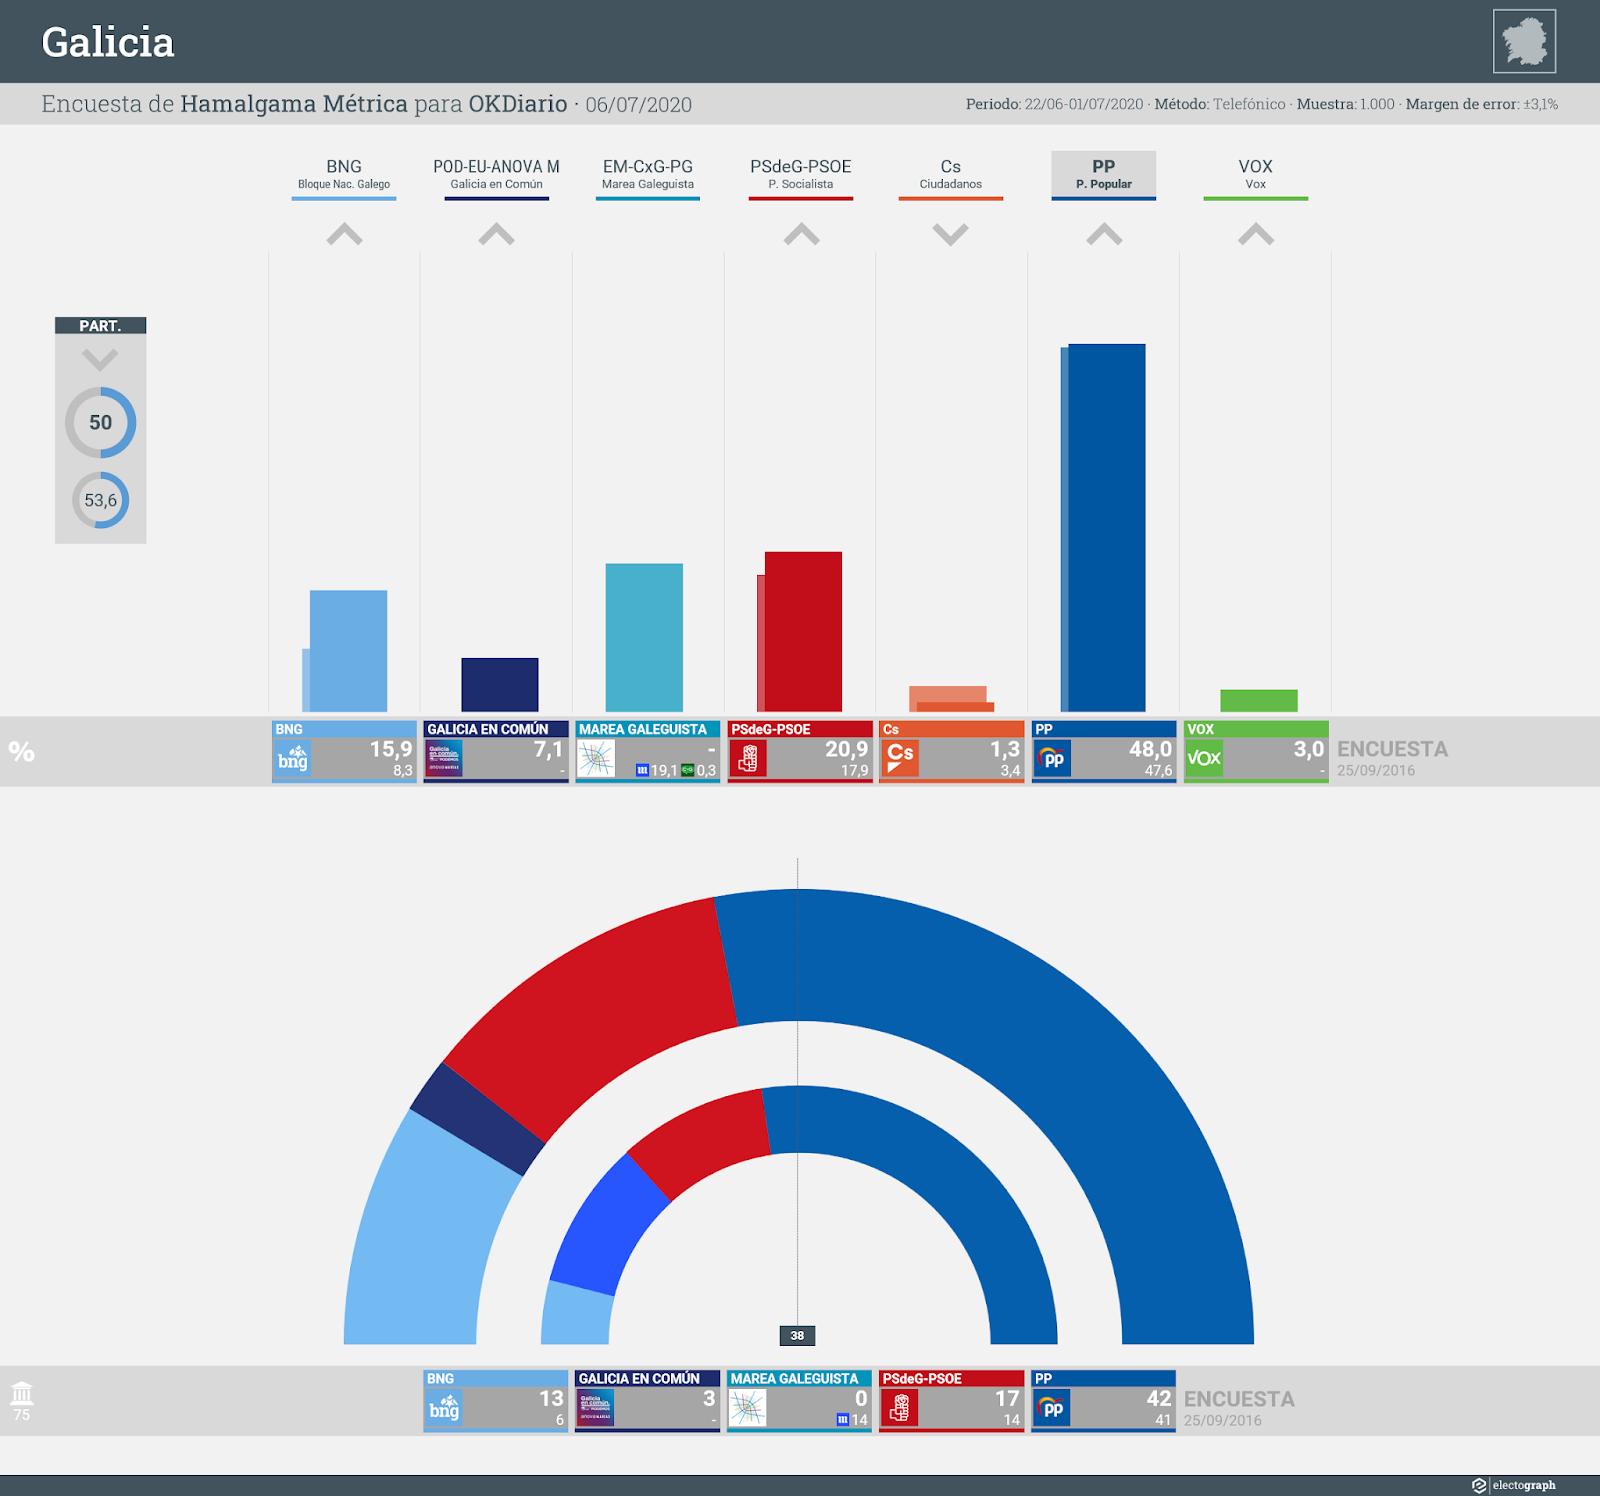 Gráfico de la encuesta para elecciones autonómicas en Galicia realizada por Hamalgama Métrica para OKDiario, 6 de julio de 2020